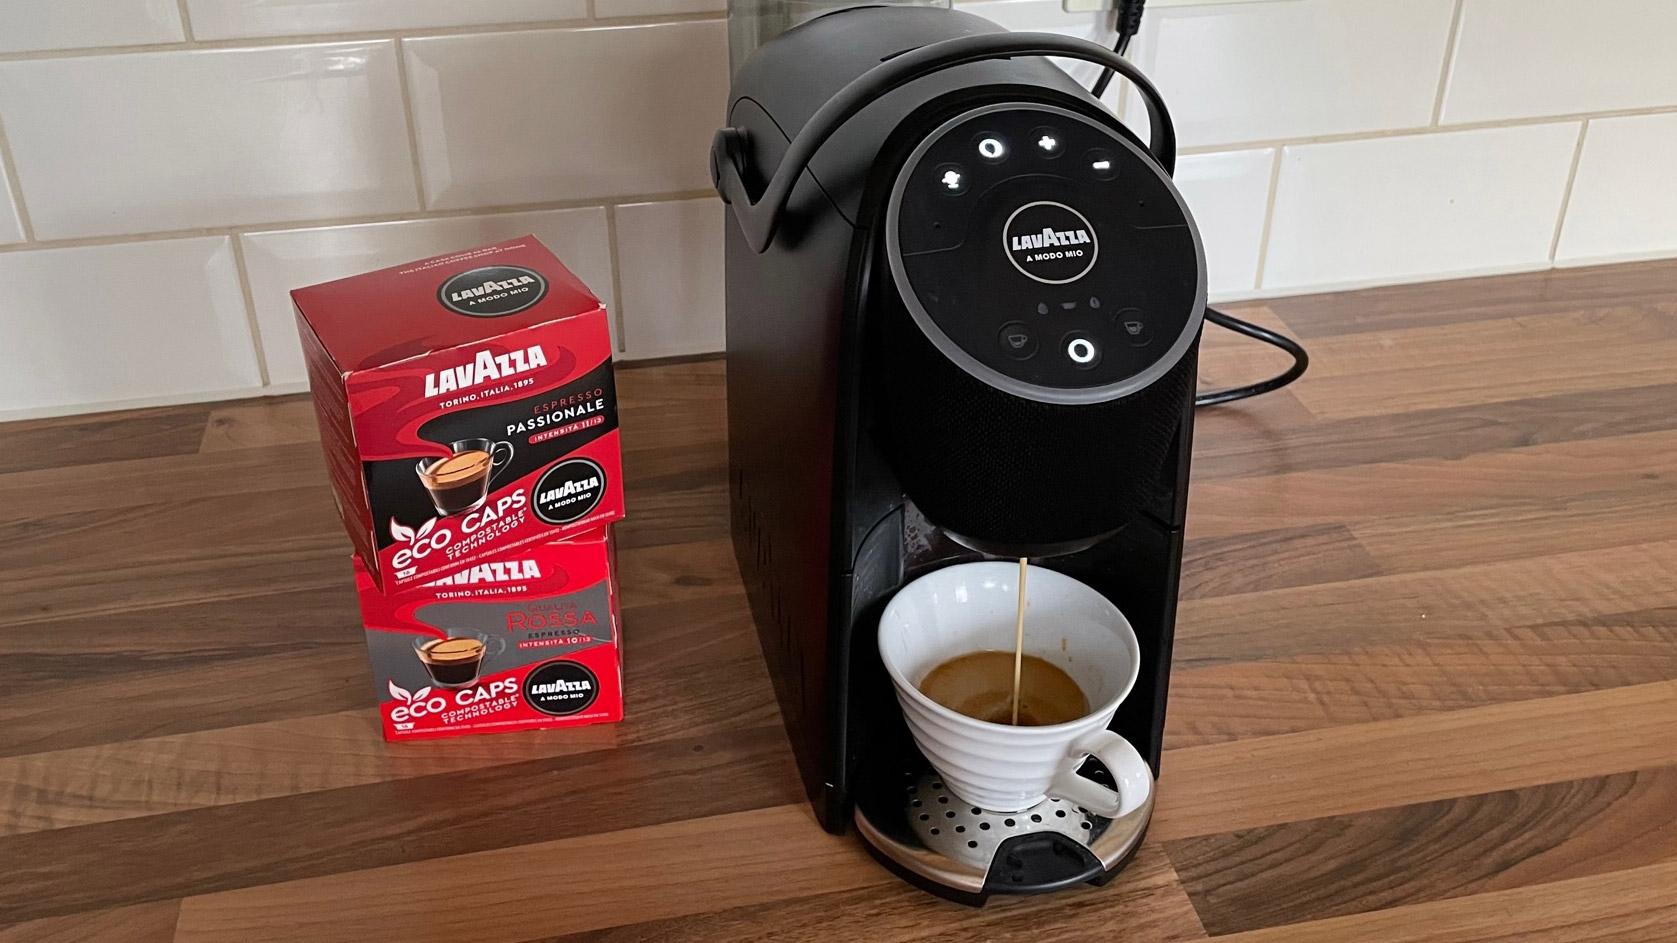 The Lavazza A Modo Mio Voicy being used to bbrew espresso